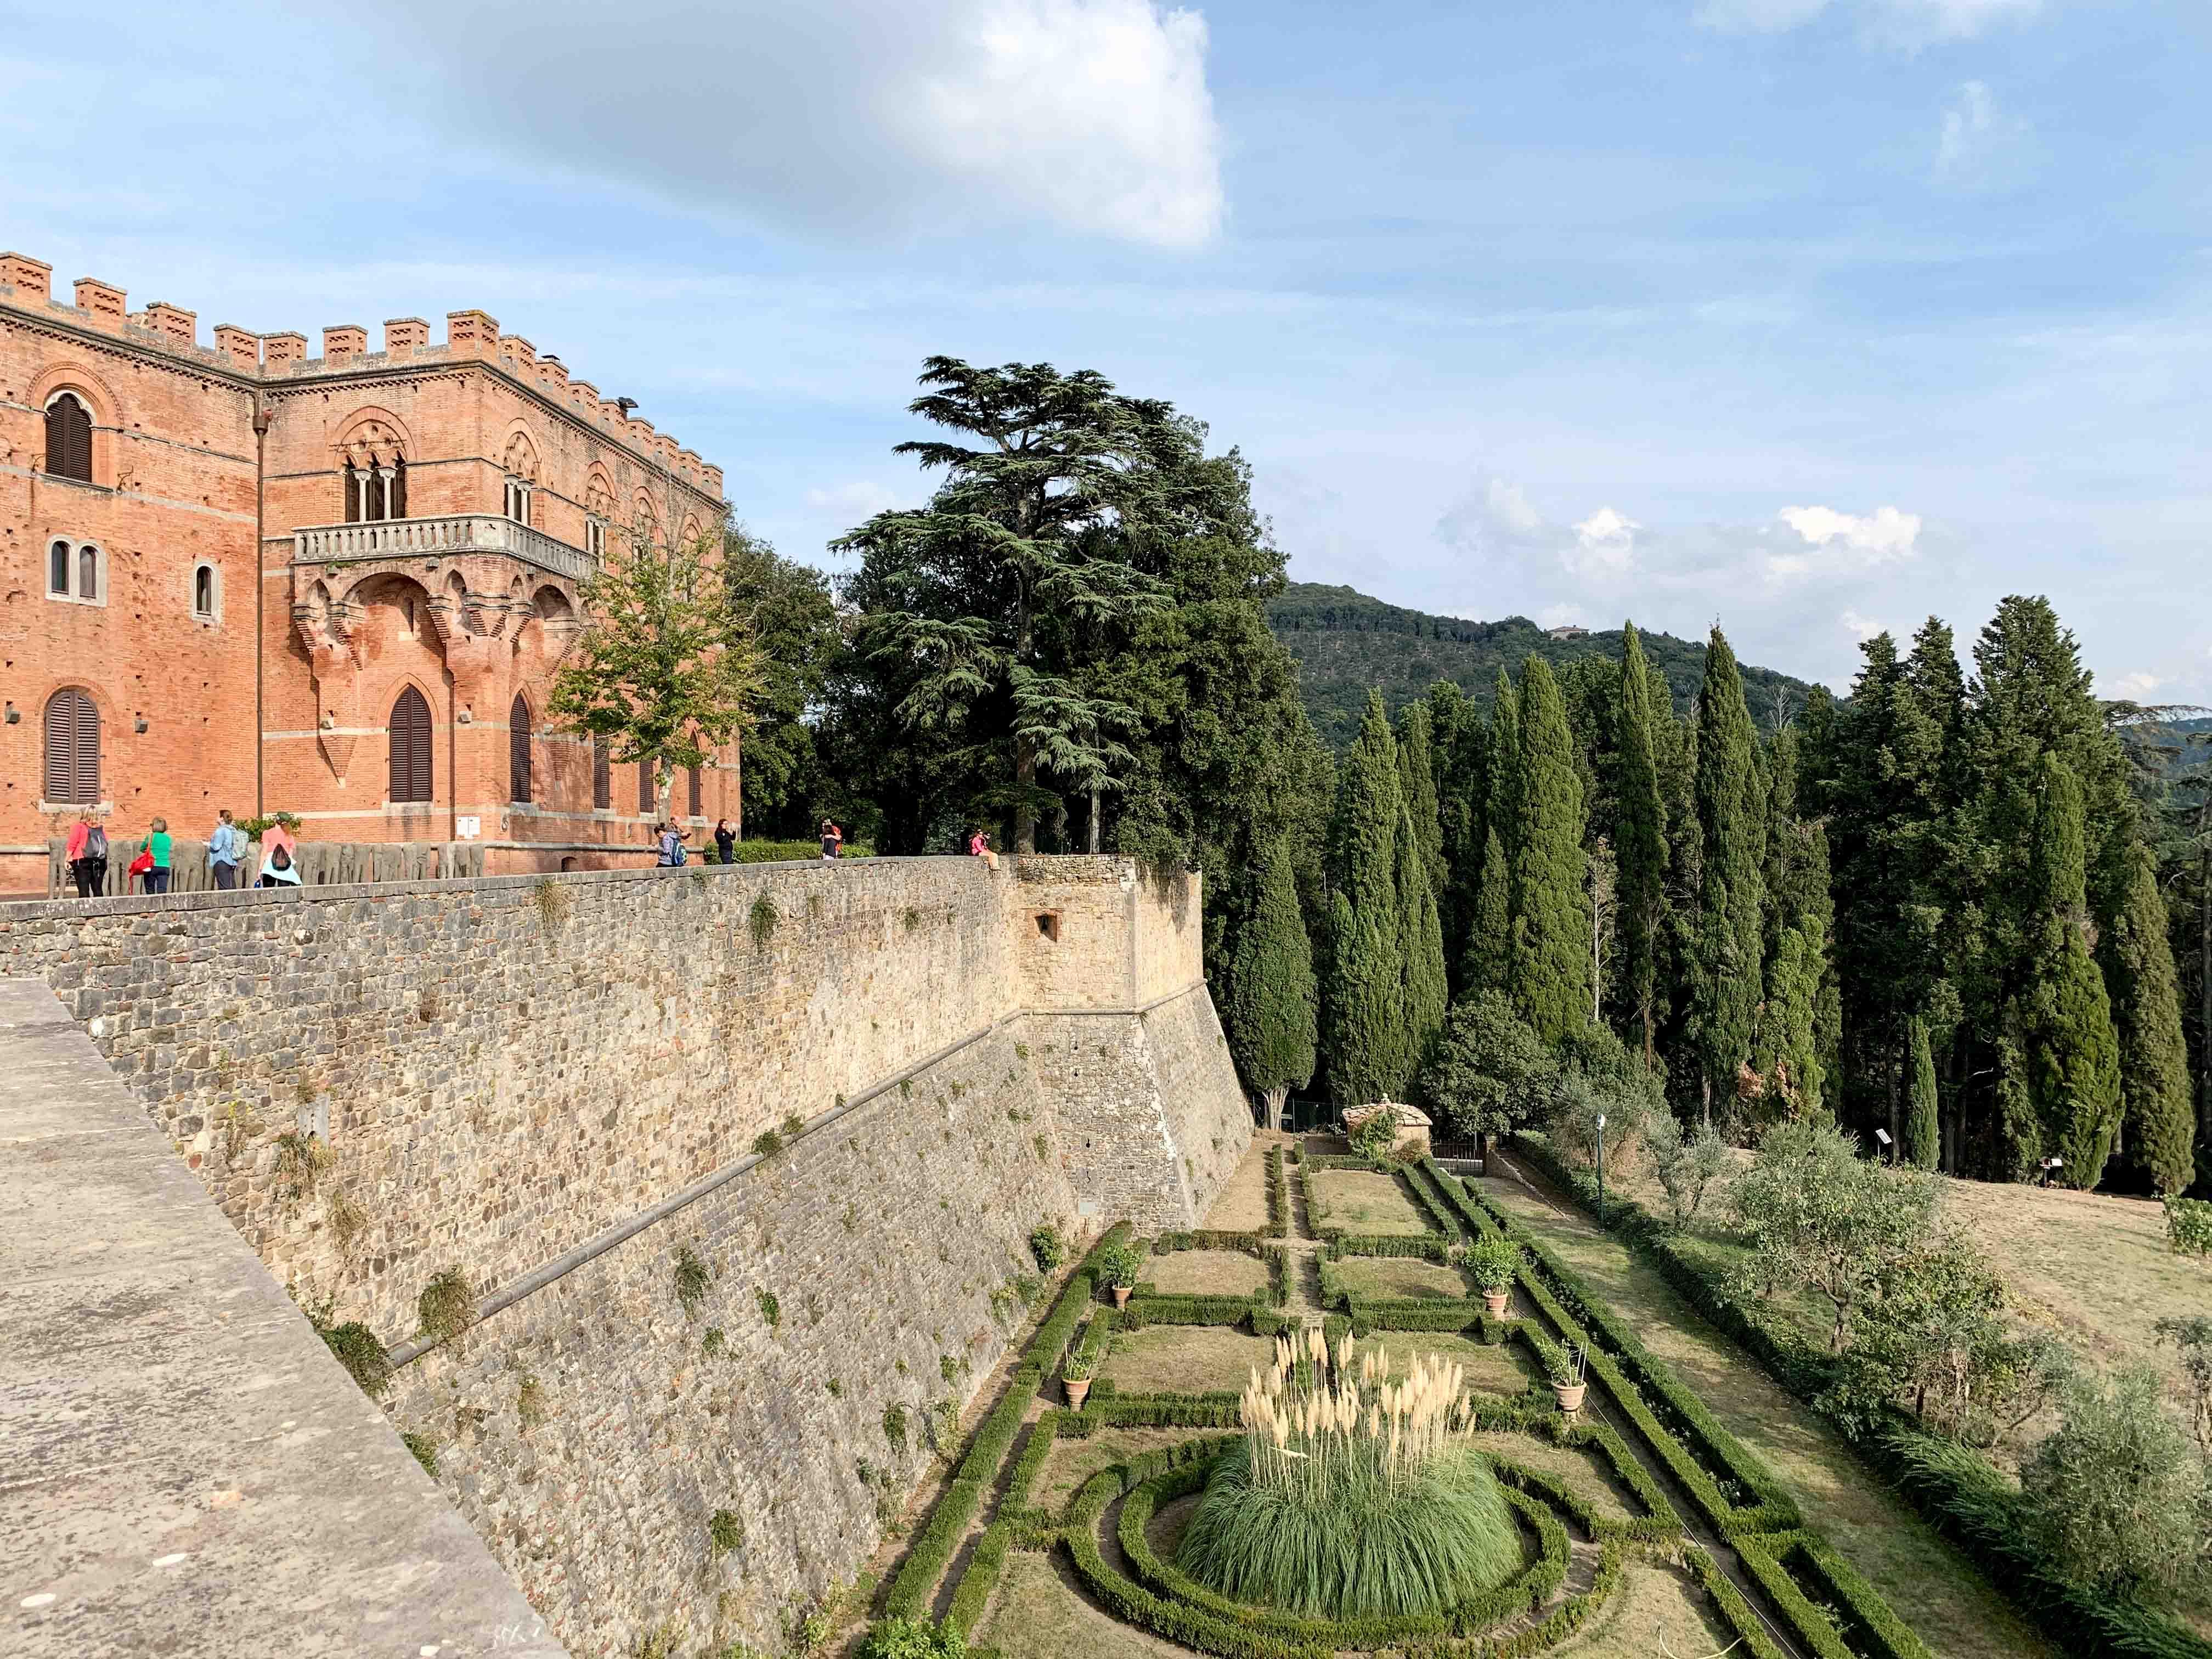 Exterior of Brolio Castle in Chianti